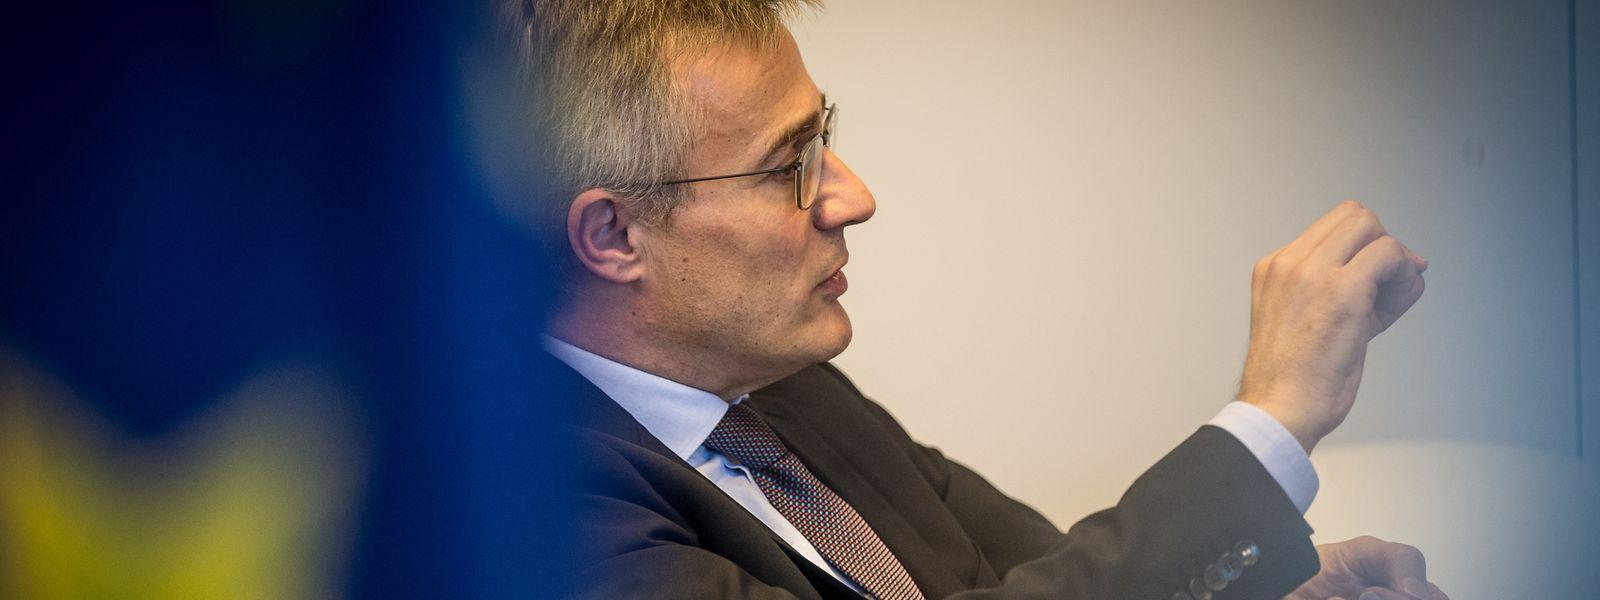 Felix Braz ist, wie in der vergangenen Legislaturperiode, Justizminister. Zudem übernimmt er diesmal auch das Amt des Vizepremiers.